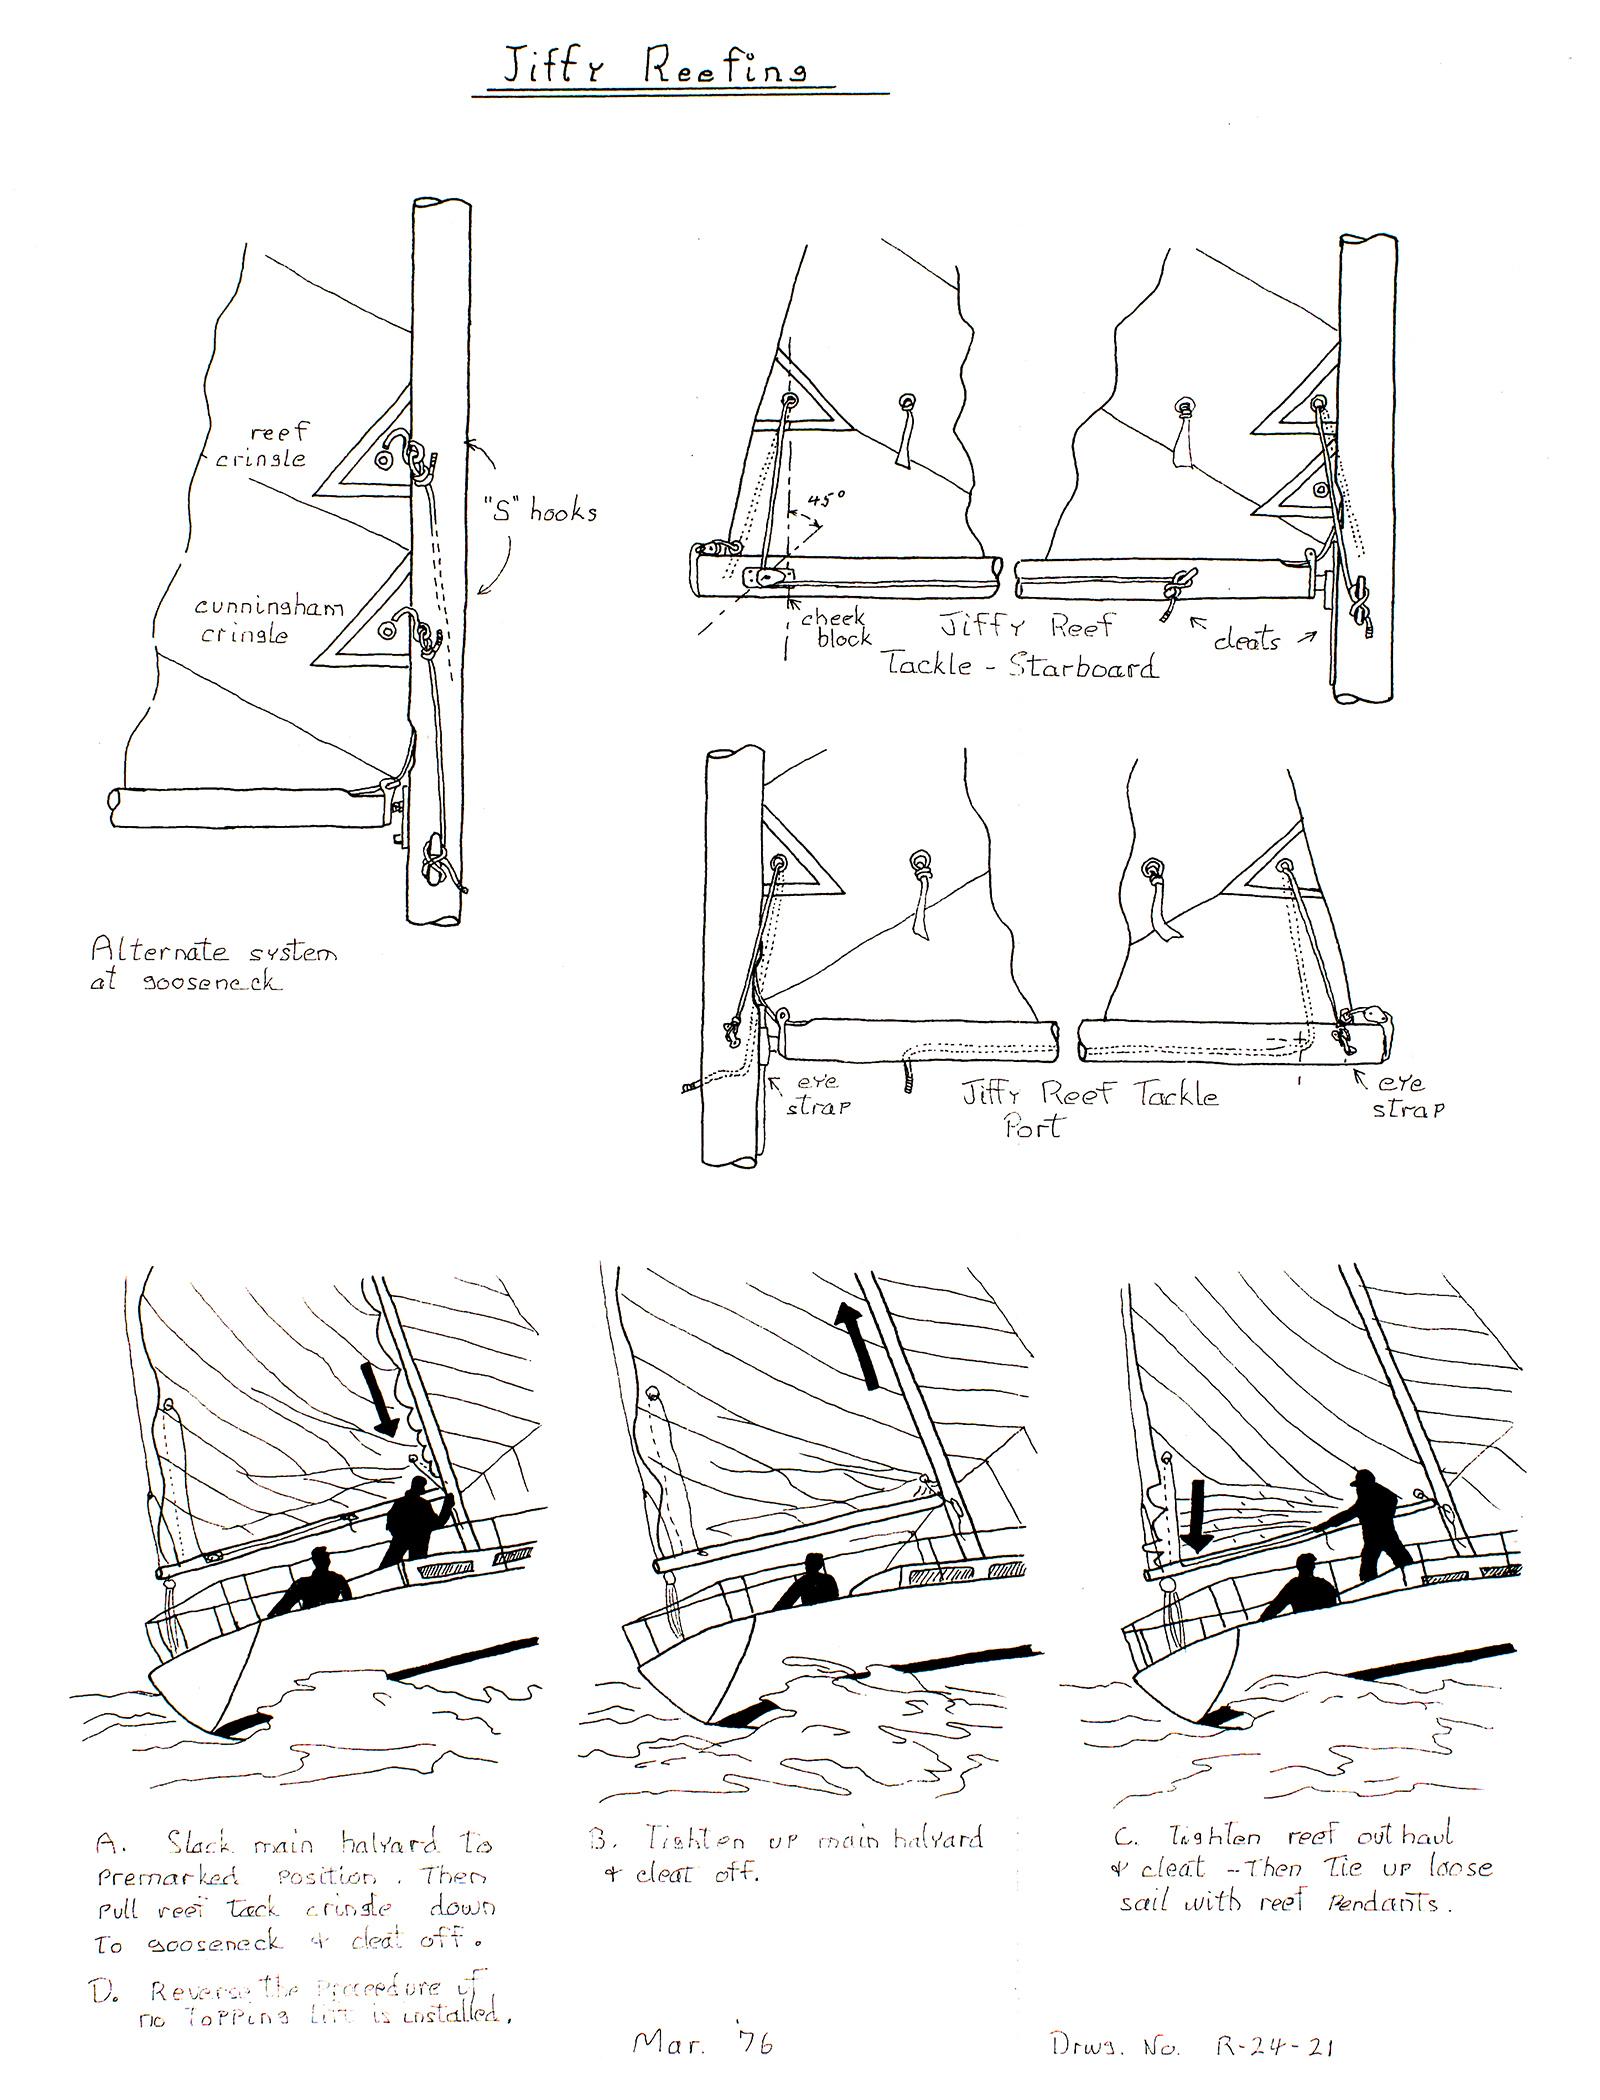 Tech Drawings | Ranger 26 Sailboats on sailboat mast painting, sailboat mast tuning, sailboat mast base, sailboat mast welding, sailboat mast bracket, sailboat mast cable, sailboat mast construction, sailboat mast hardware, sailboat mast repair, sailboat mast electrical connectors, sailboat mast components, sailboat mast fittings, sailboat mast lighting,